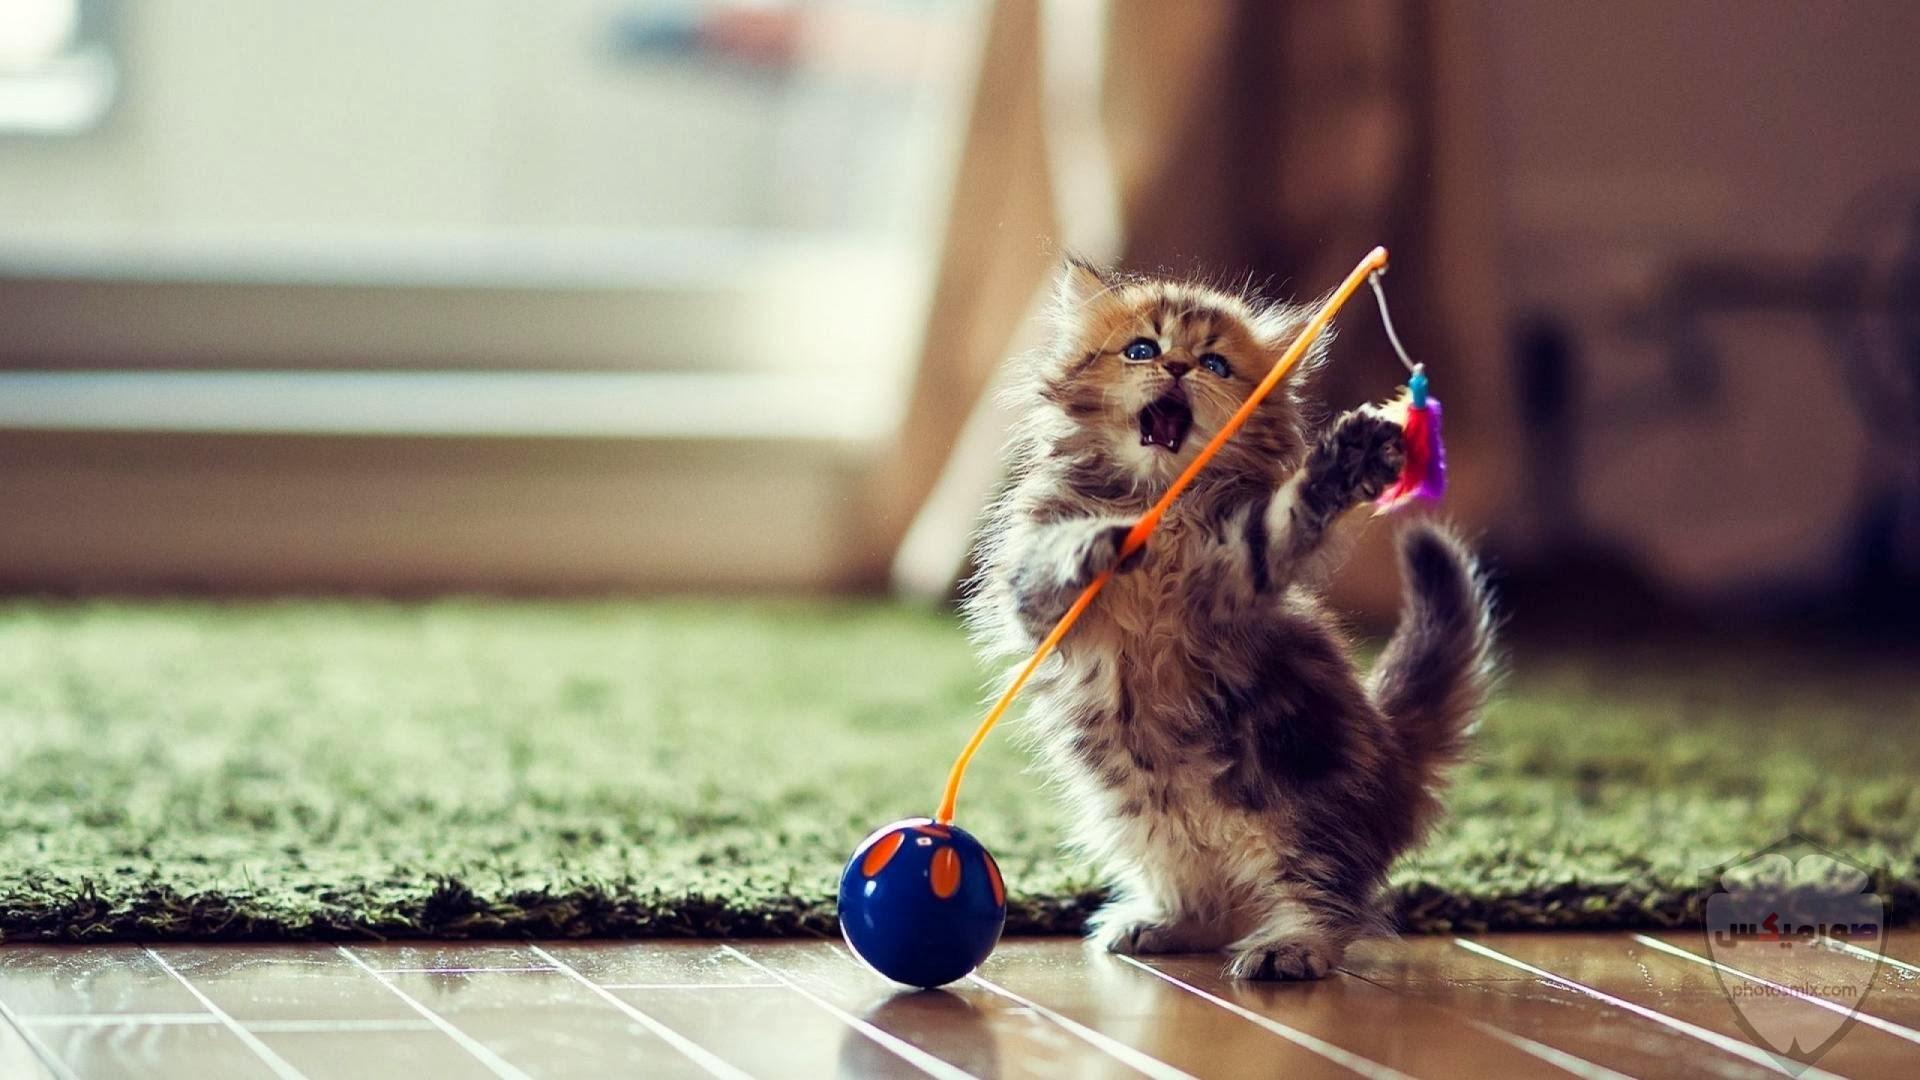 صور خلفيات رمزيات قطط كيوت صورة قطة كيوت جدا 48